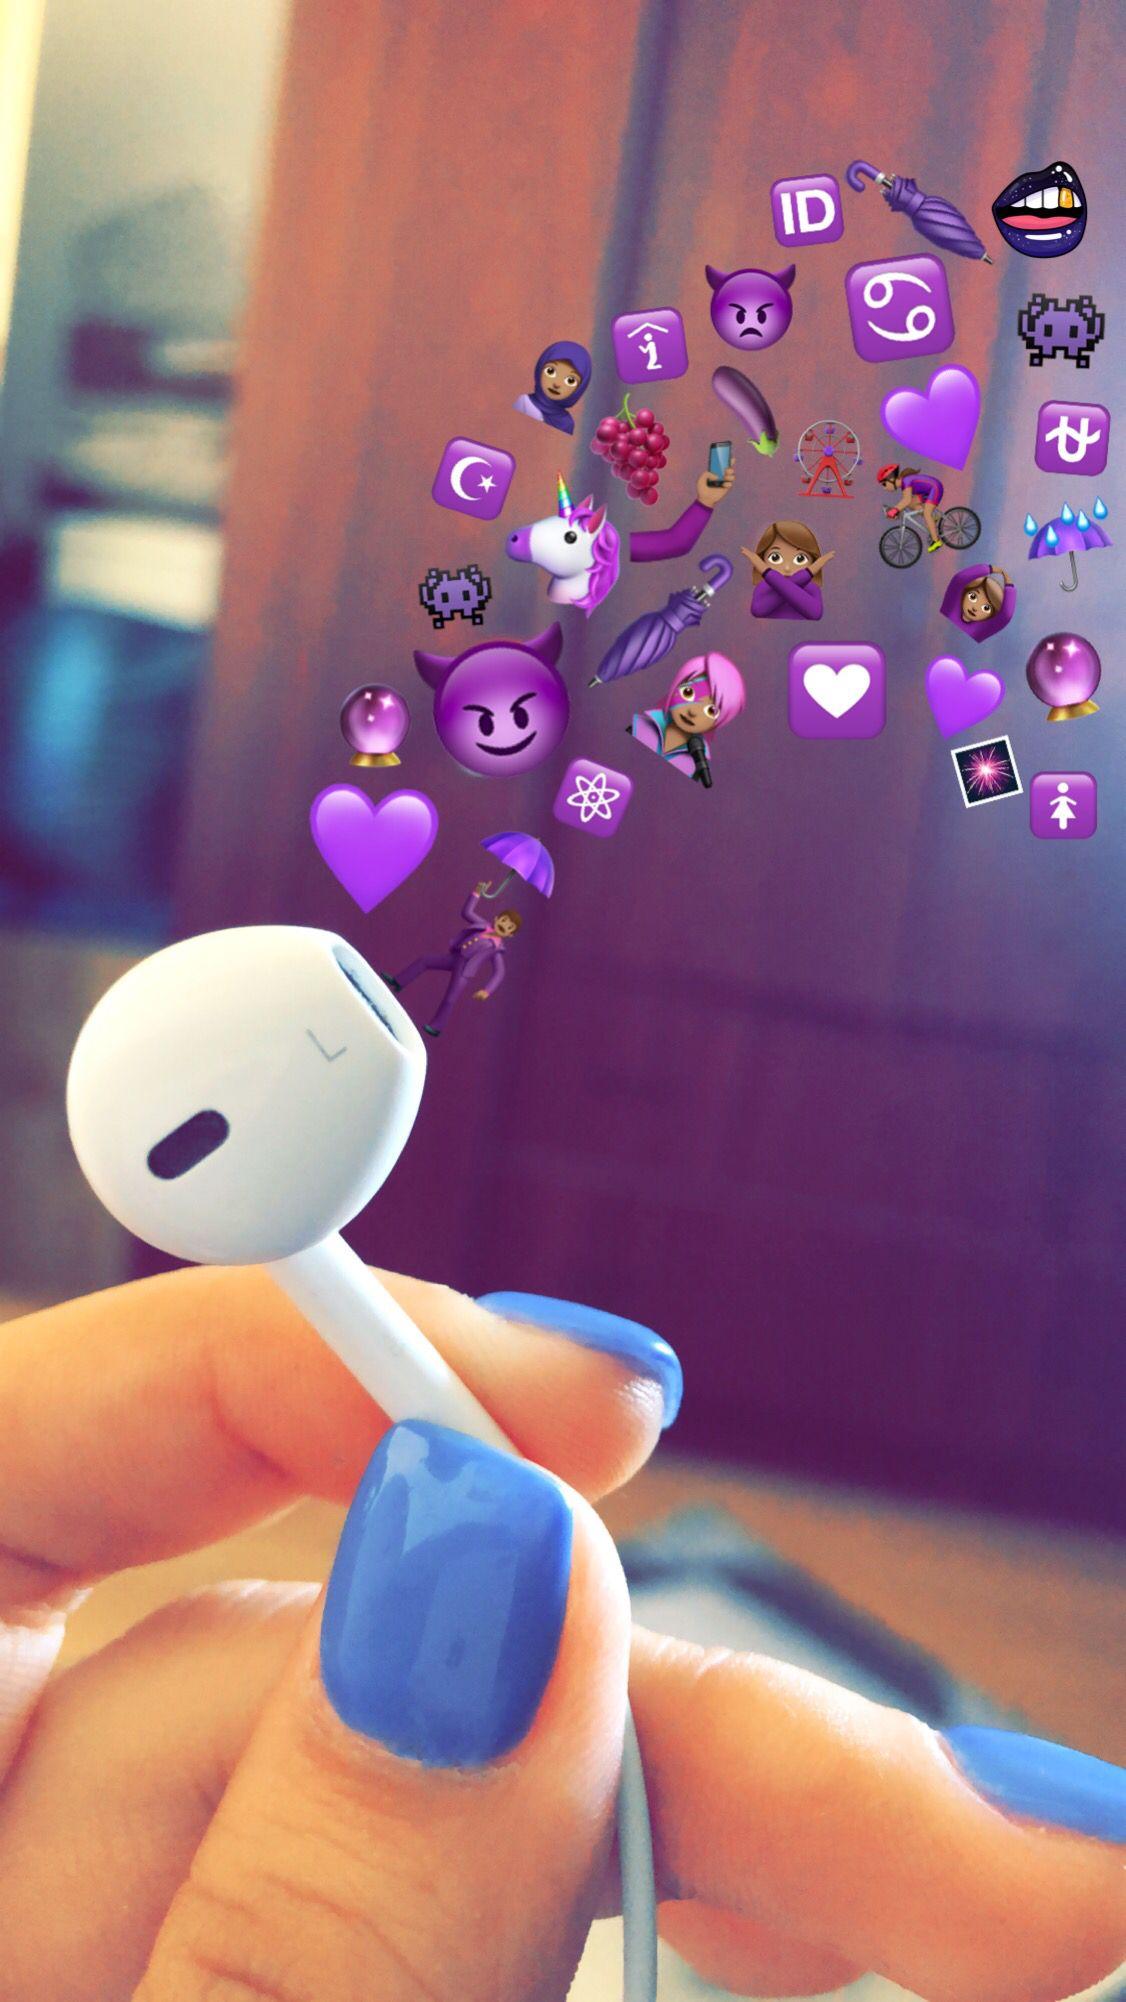 Air Pod Headphones With Purple Emojis Music Listening Apple Iphone Earbuds Instagram Story Ideas In 2020 Cute Emoji Wallpaper Emoji Pictures Emoji Wallpaper Iphone